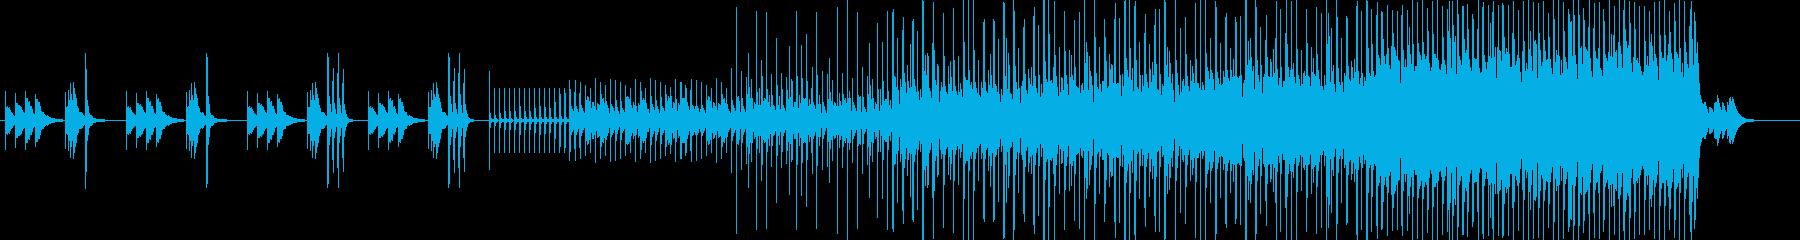 鉄琴で最後は激しいインスト曲の再生済みの波形